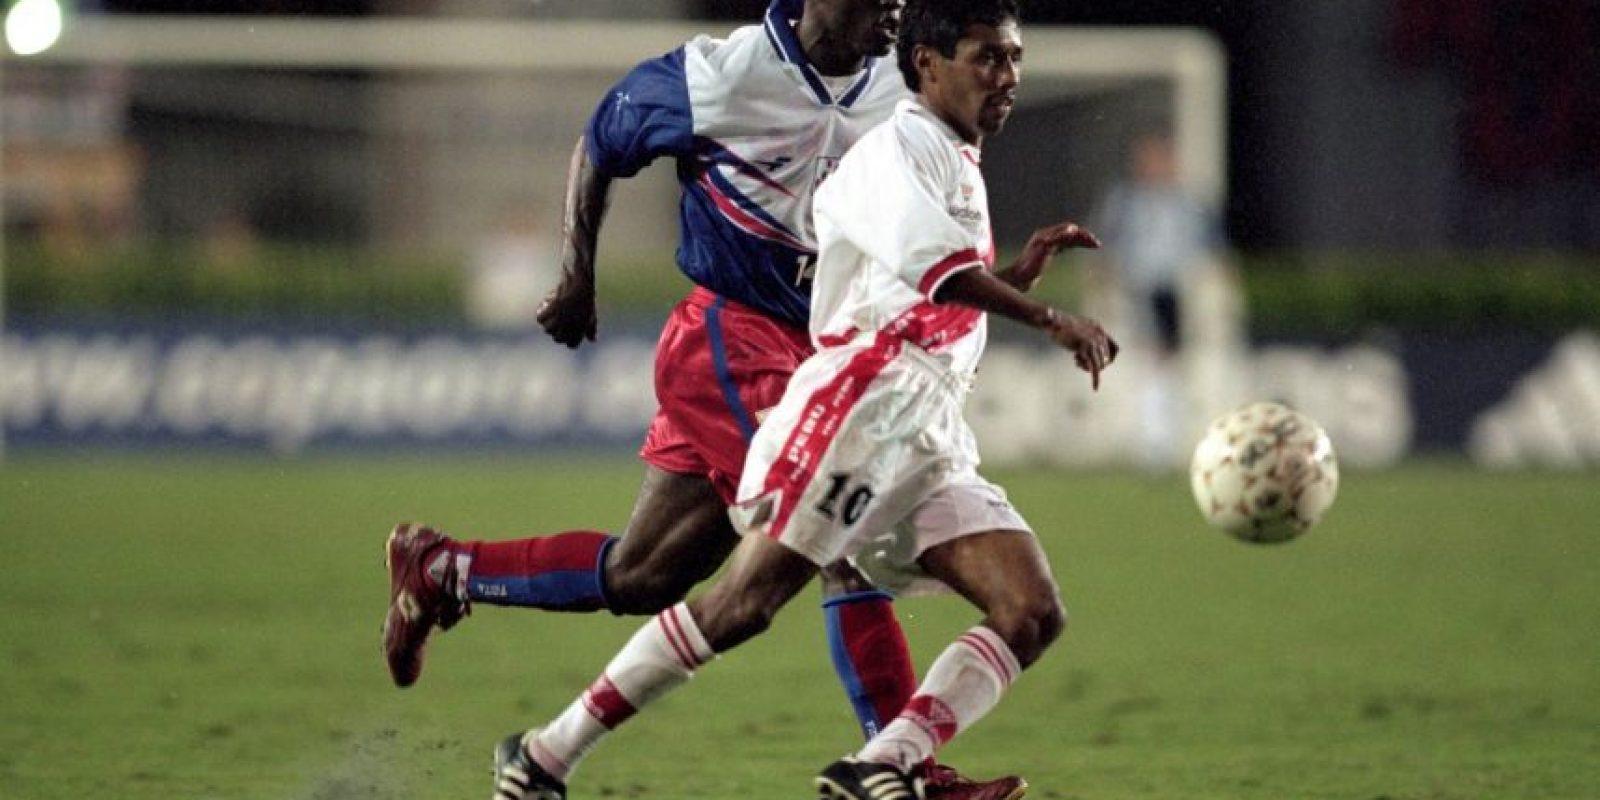 Considerado uno de los grandes ídolos del fútbol peruano, nunca pudo alzar la Copa América, como si lo hizo su país en 1939 y 1975. El Chorrillano comenzó a disputar el torneo en 1995, luego jugó en 1997, 1999, 2004 y su última edición fue en 2011, cuando ya era un veterano de los incaicos Foto:Getty Images